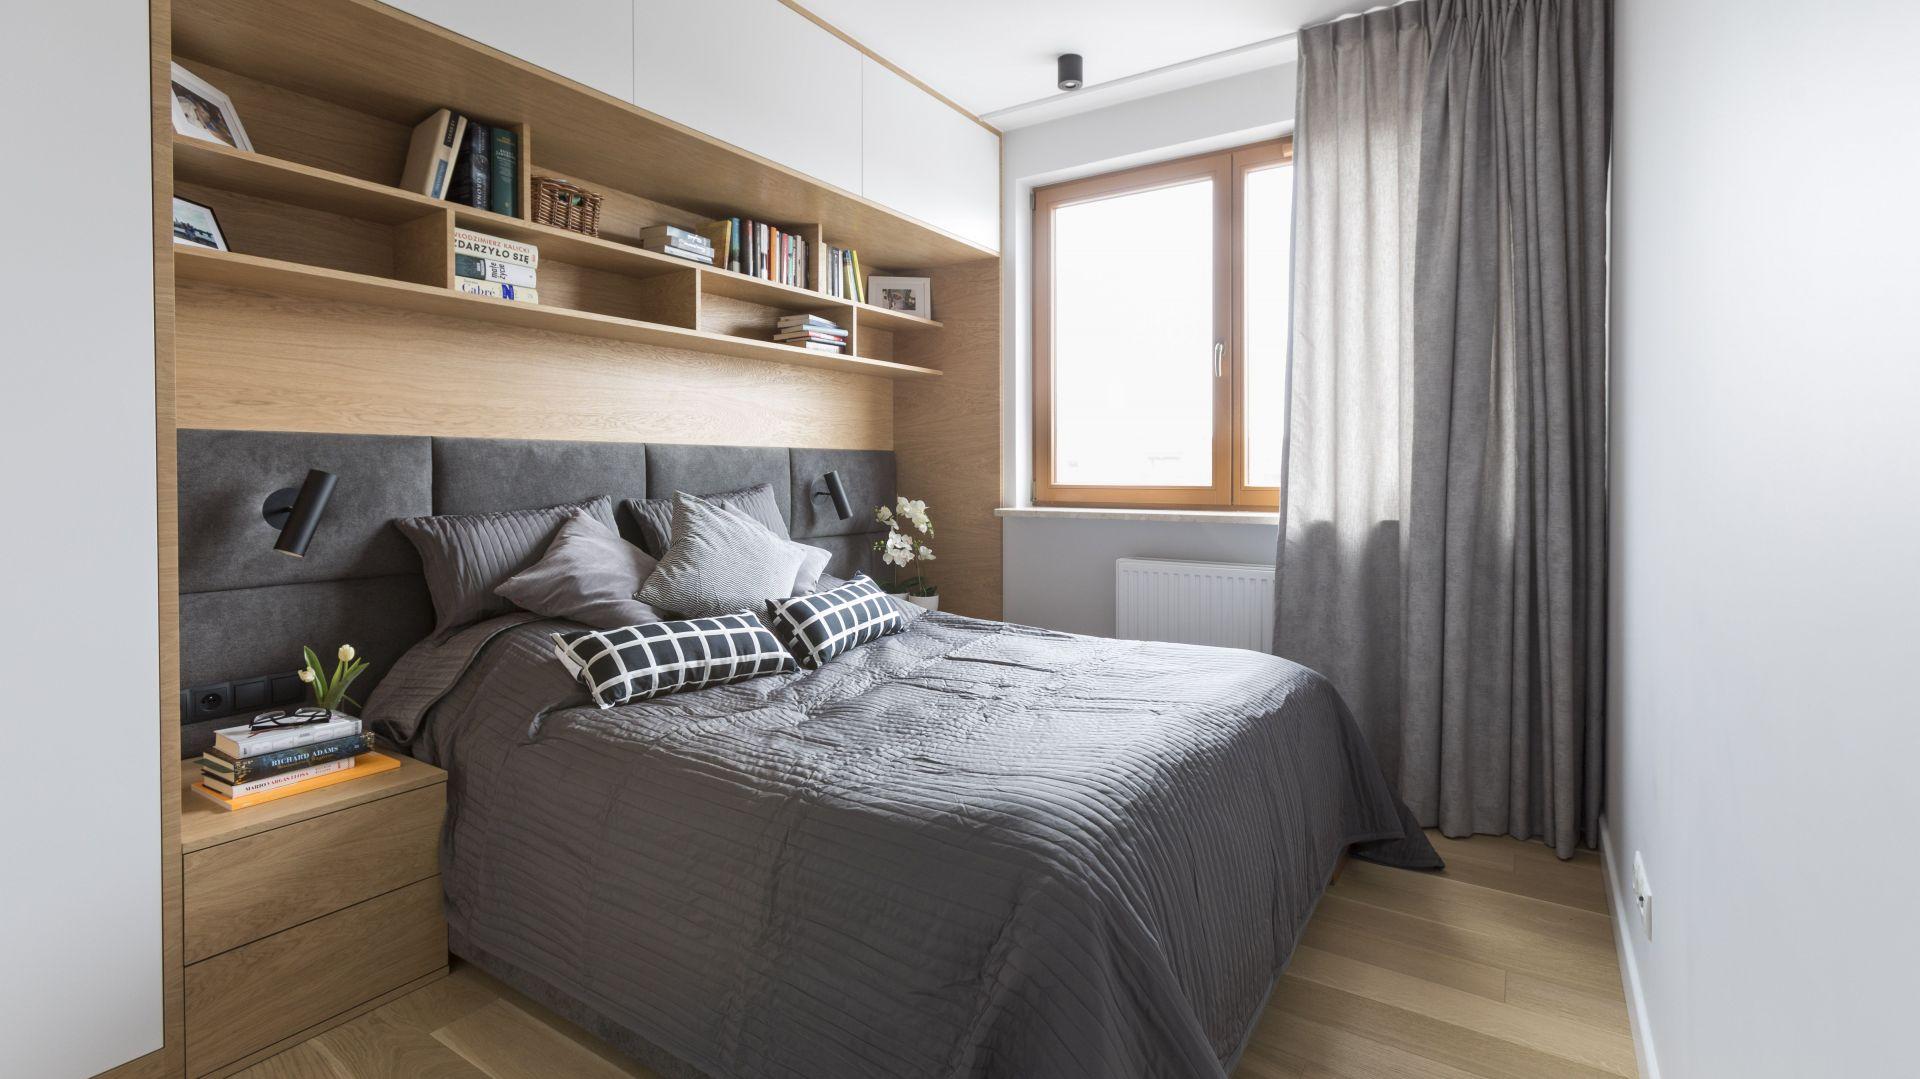 Gdy pomieszczenie jest niewielkie, na schowki warto wykorzystać wolne miejsce na ścianie, przy której stoi łóżko. Tak zrobiono tutaj. Nad szerokim, tapicerowanym wezgłowiem zbudowano półki, nad nimi, pod sufitem, szafki, a z boku, za szafką nocną – wąską szafę. Tym sposobem powstała wnęka, która po wyłożeniu drewnem wygląda bardzo zacisznie i przytulnie. Fot. MGN Pracownia Architektoniczna